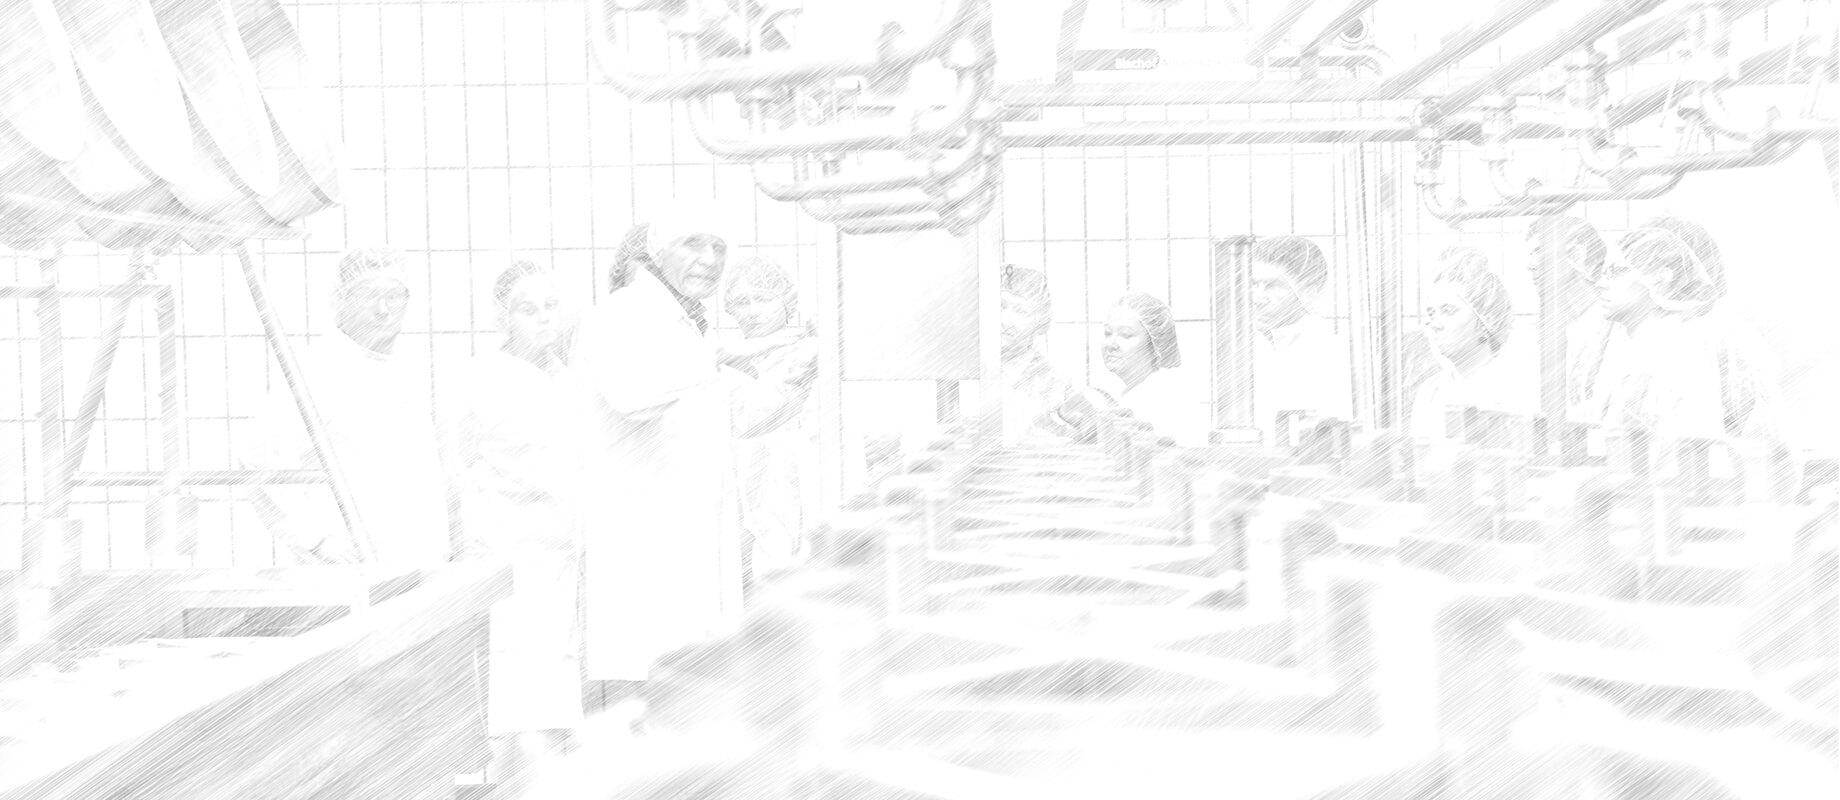 Seminar Schraffur 0110 4000x1740.jpg